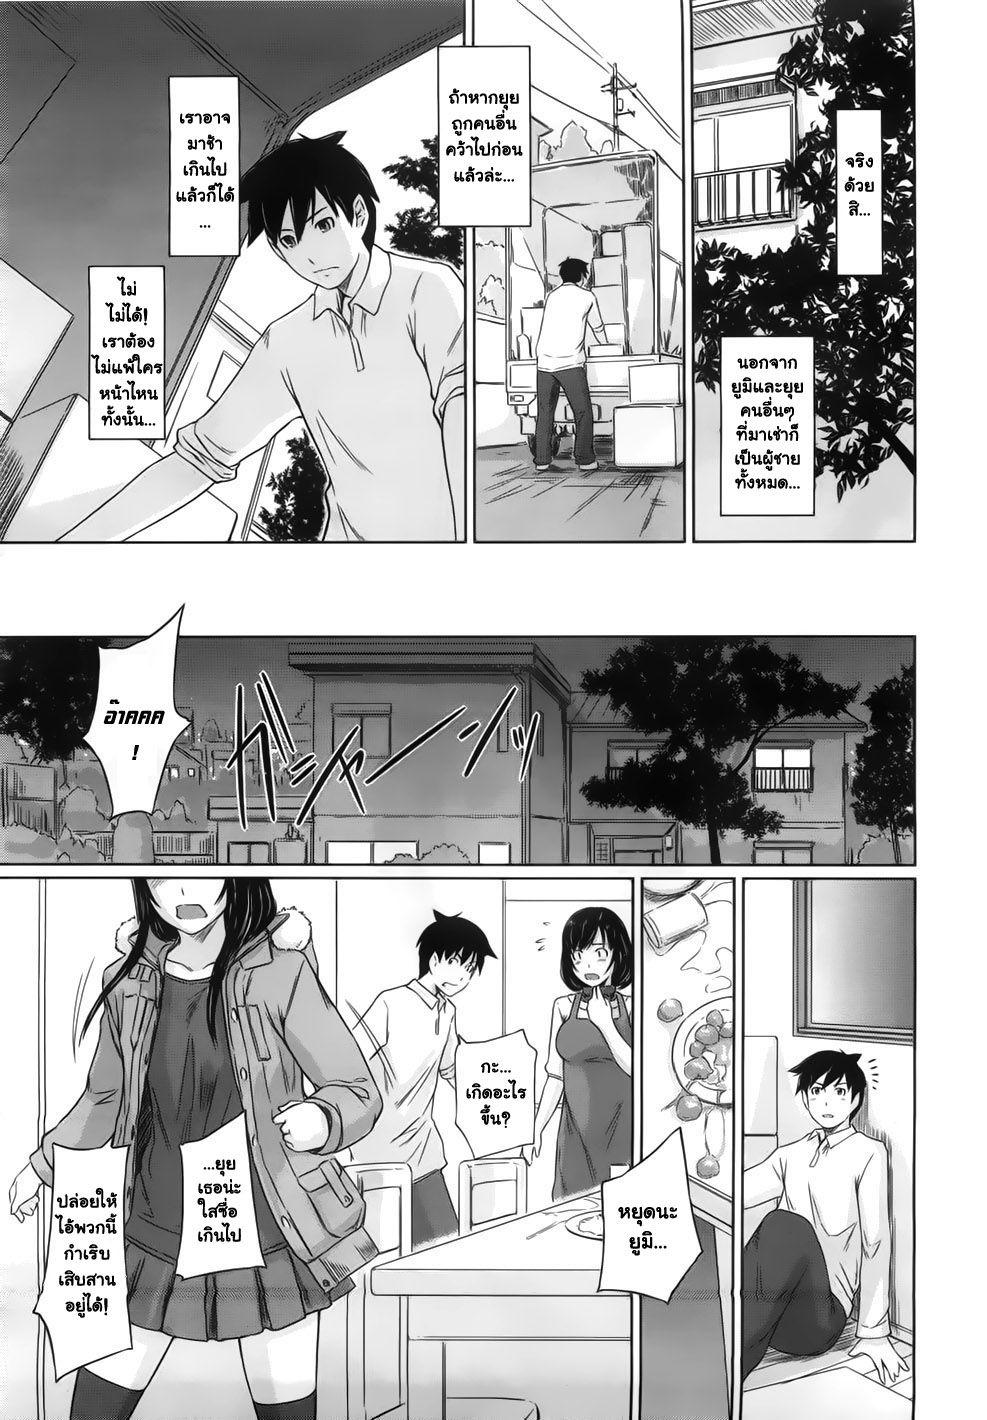 ยินดีต้อนรับสู่ โทโคฮารุโซว 1 - หน้า 5